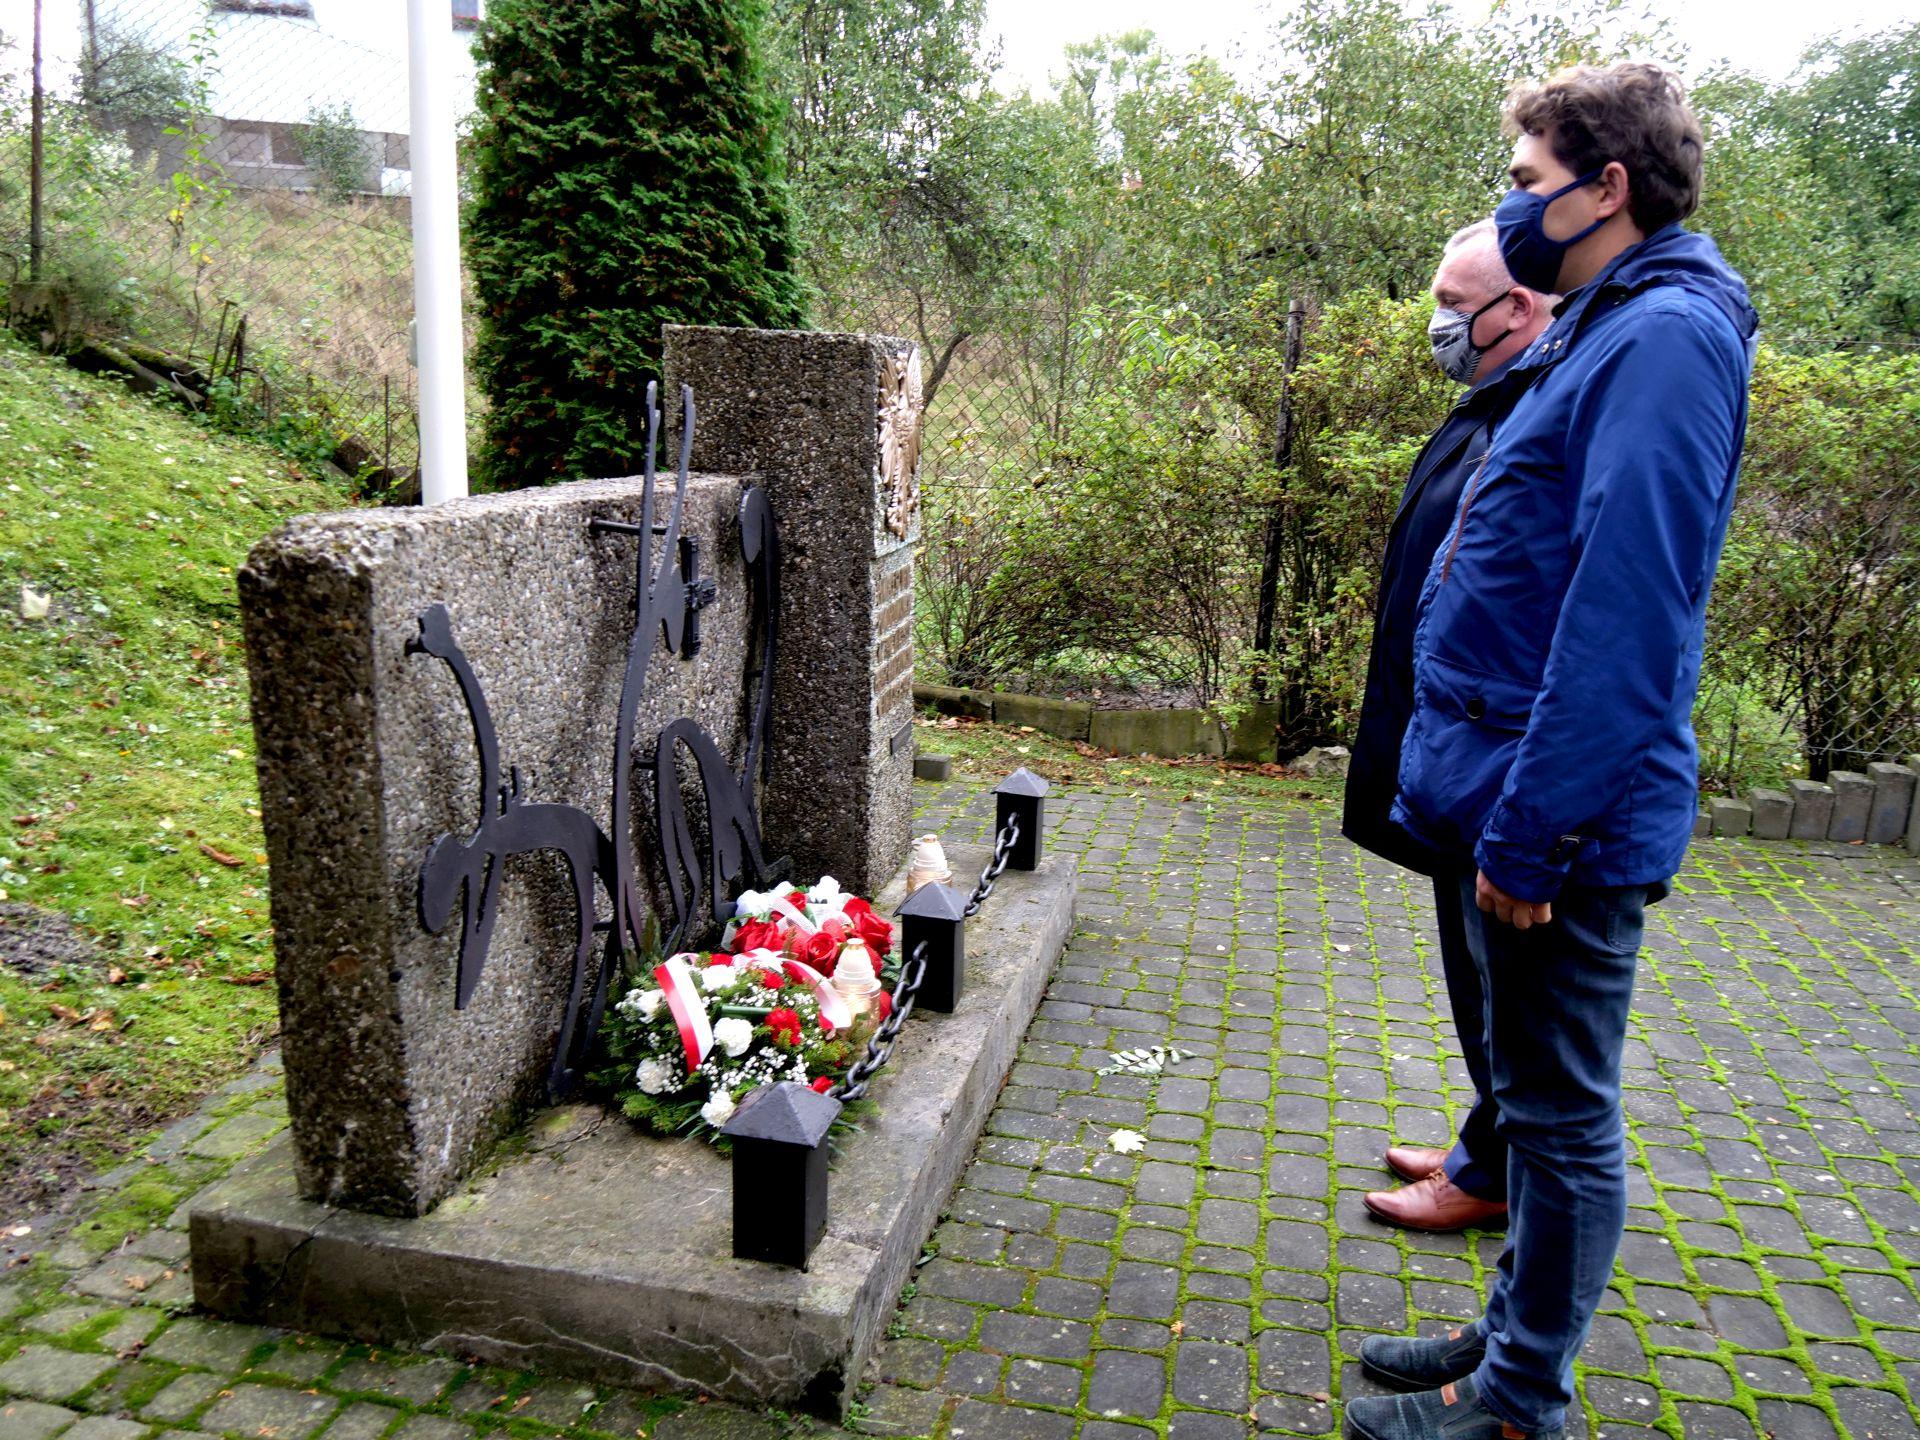 pomnik, dwie osoby